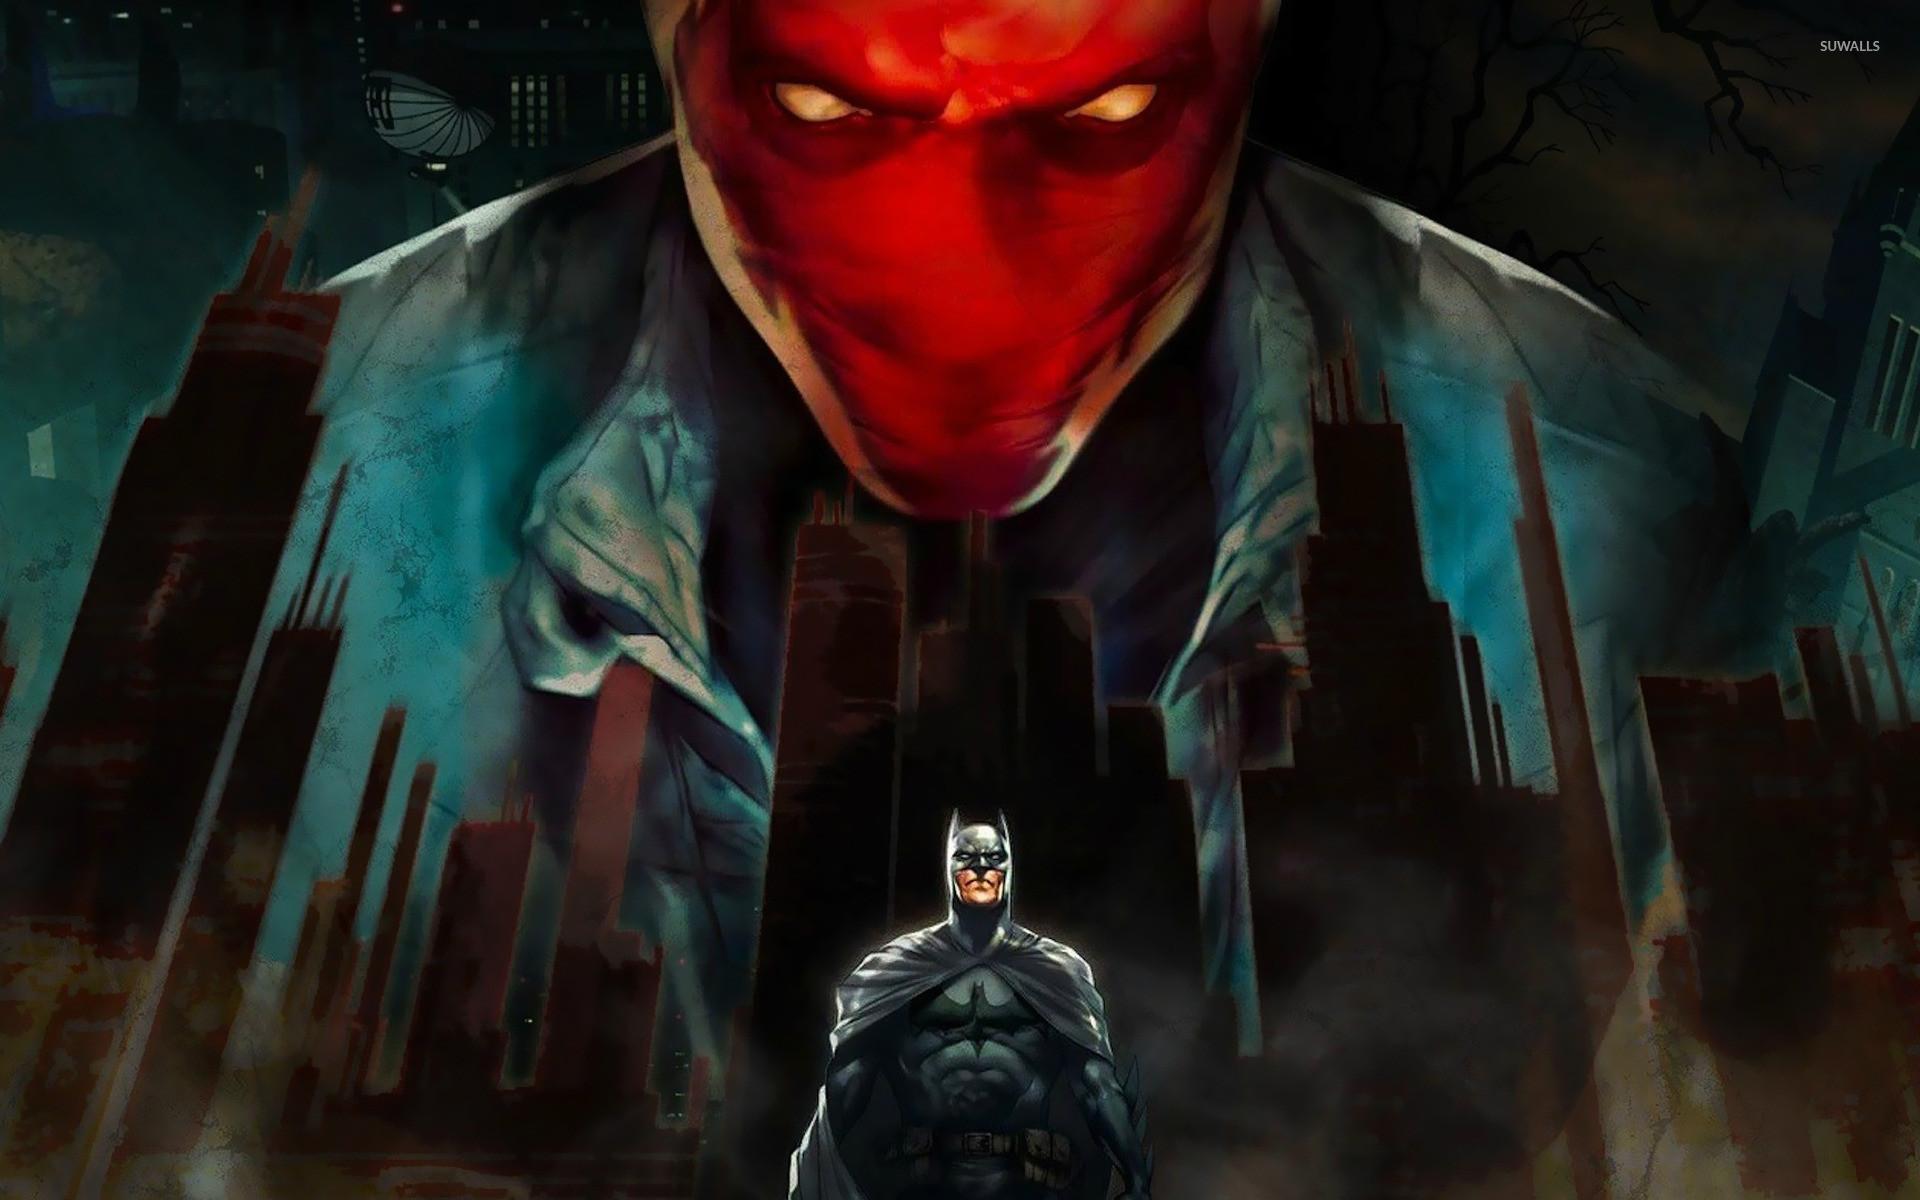 Batman: Under the Red Hood wallpaper – Cartoon wallpapers – #14331